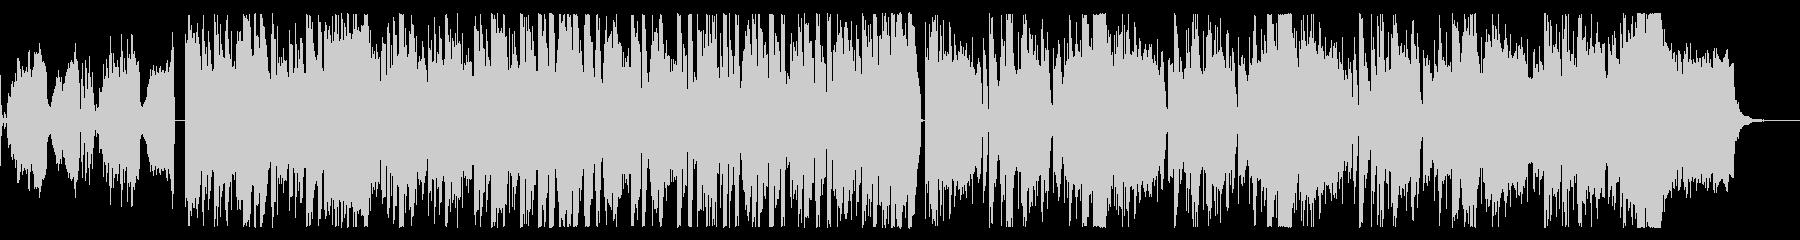 様々なシンセ音が入ったDubstepの未再生の波形